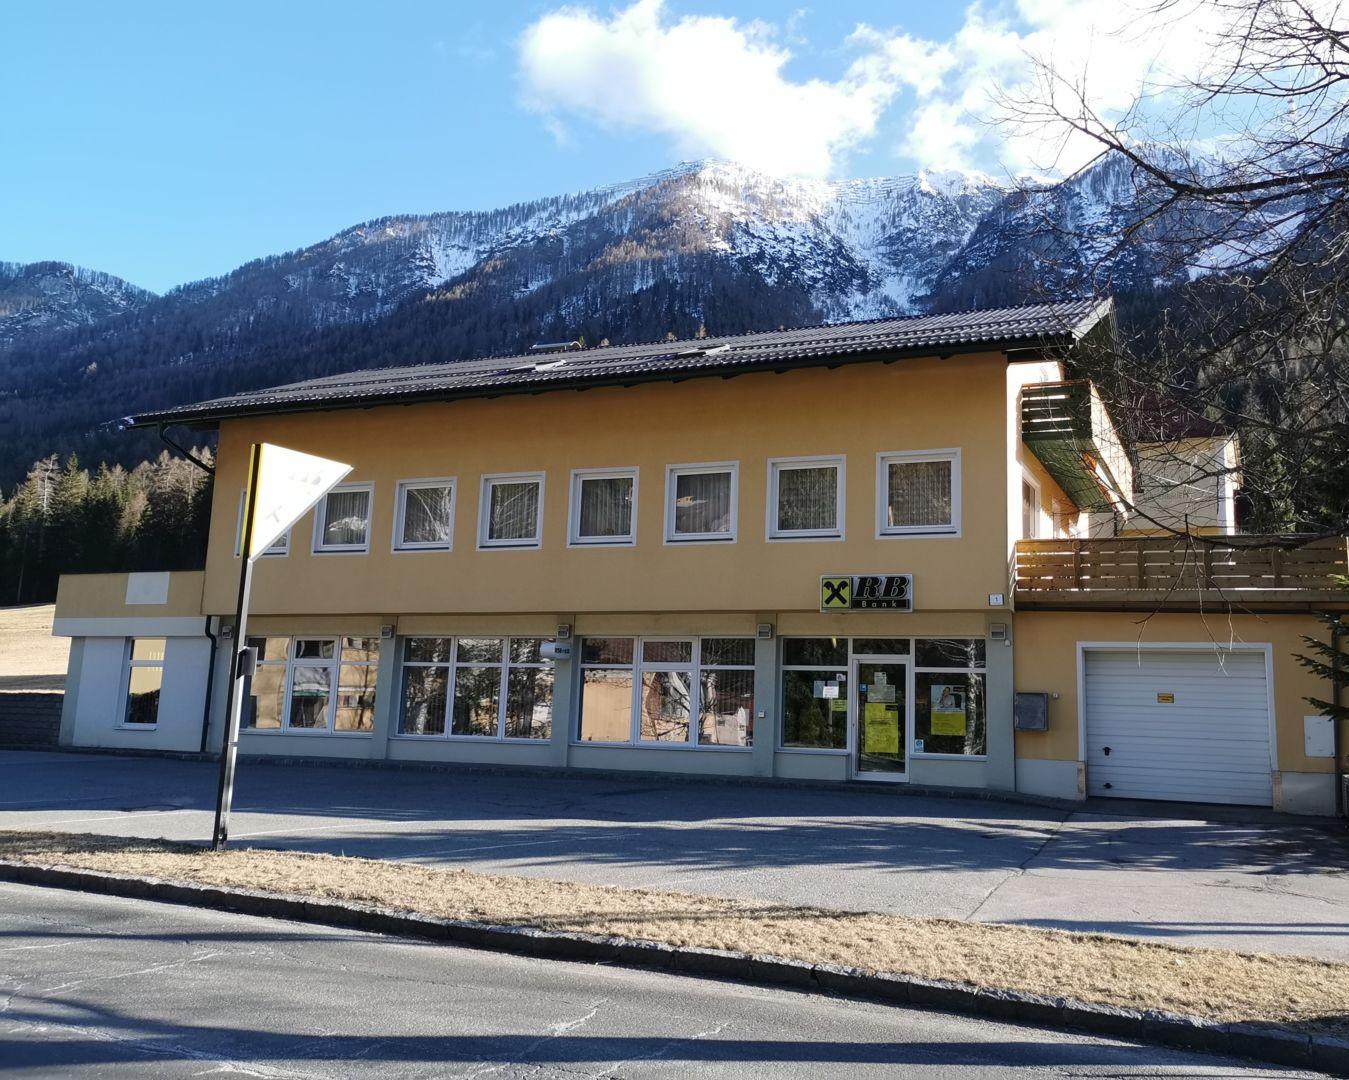 Singlebrse in Bad Bleiberg bei Villach Land und Singletreff